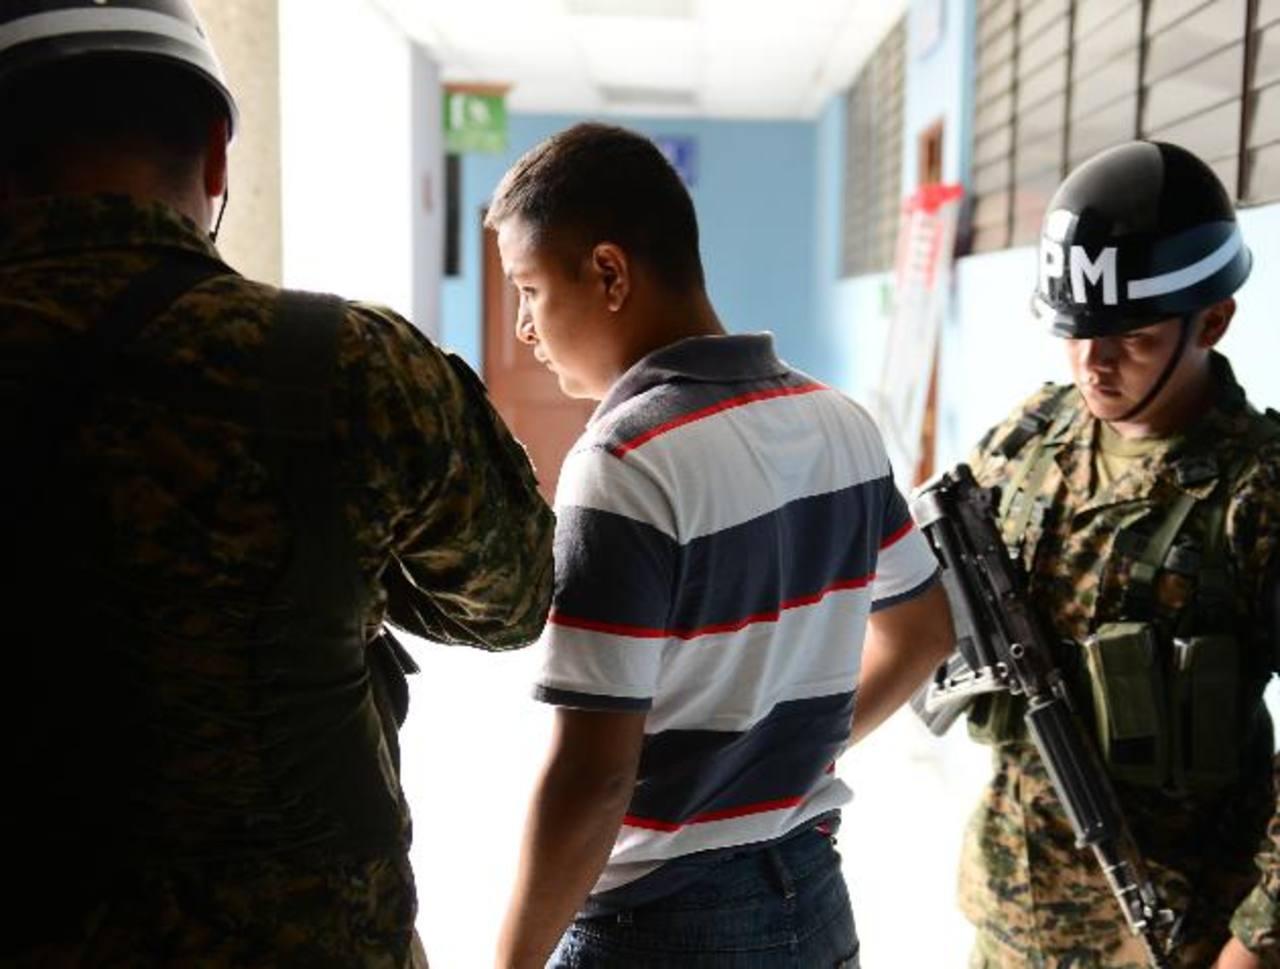 El cabo Mario de Jesús Ángel Palacios ingresa al Juzgado Décimo Quinto de Paz, donde enfrentó la audiencia porque supuestamente le vendía uniformes militares a la mara 18. Foto EDH /César Avilés.